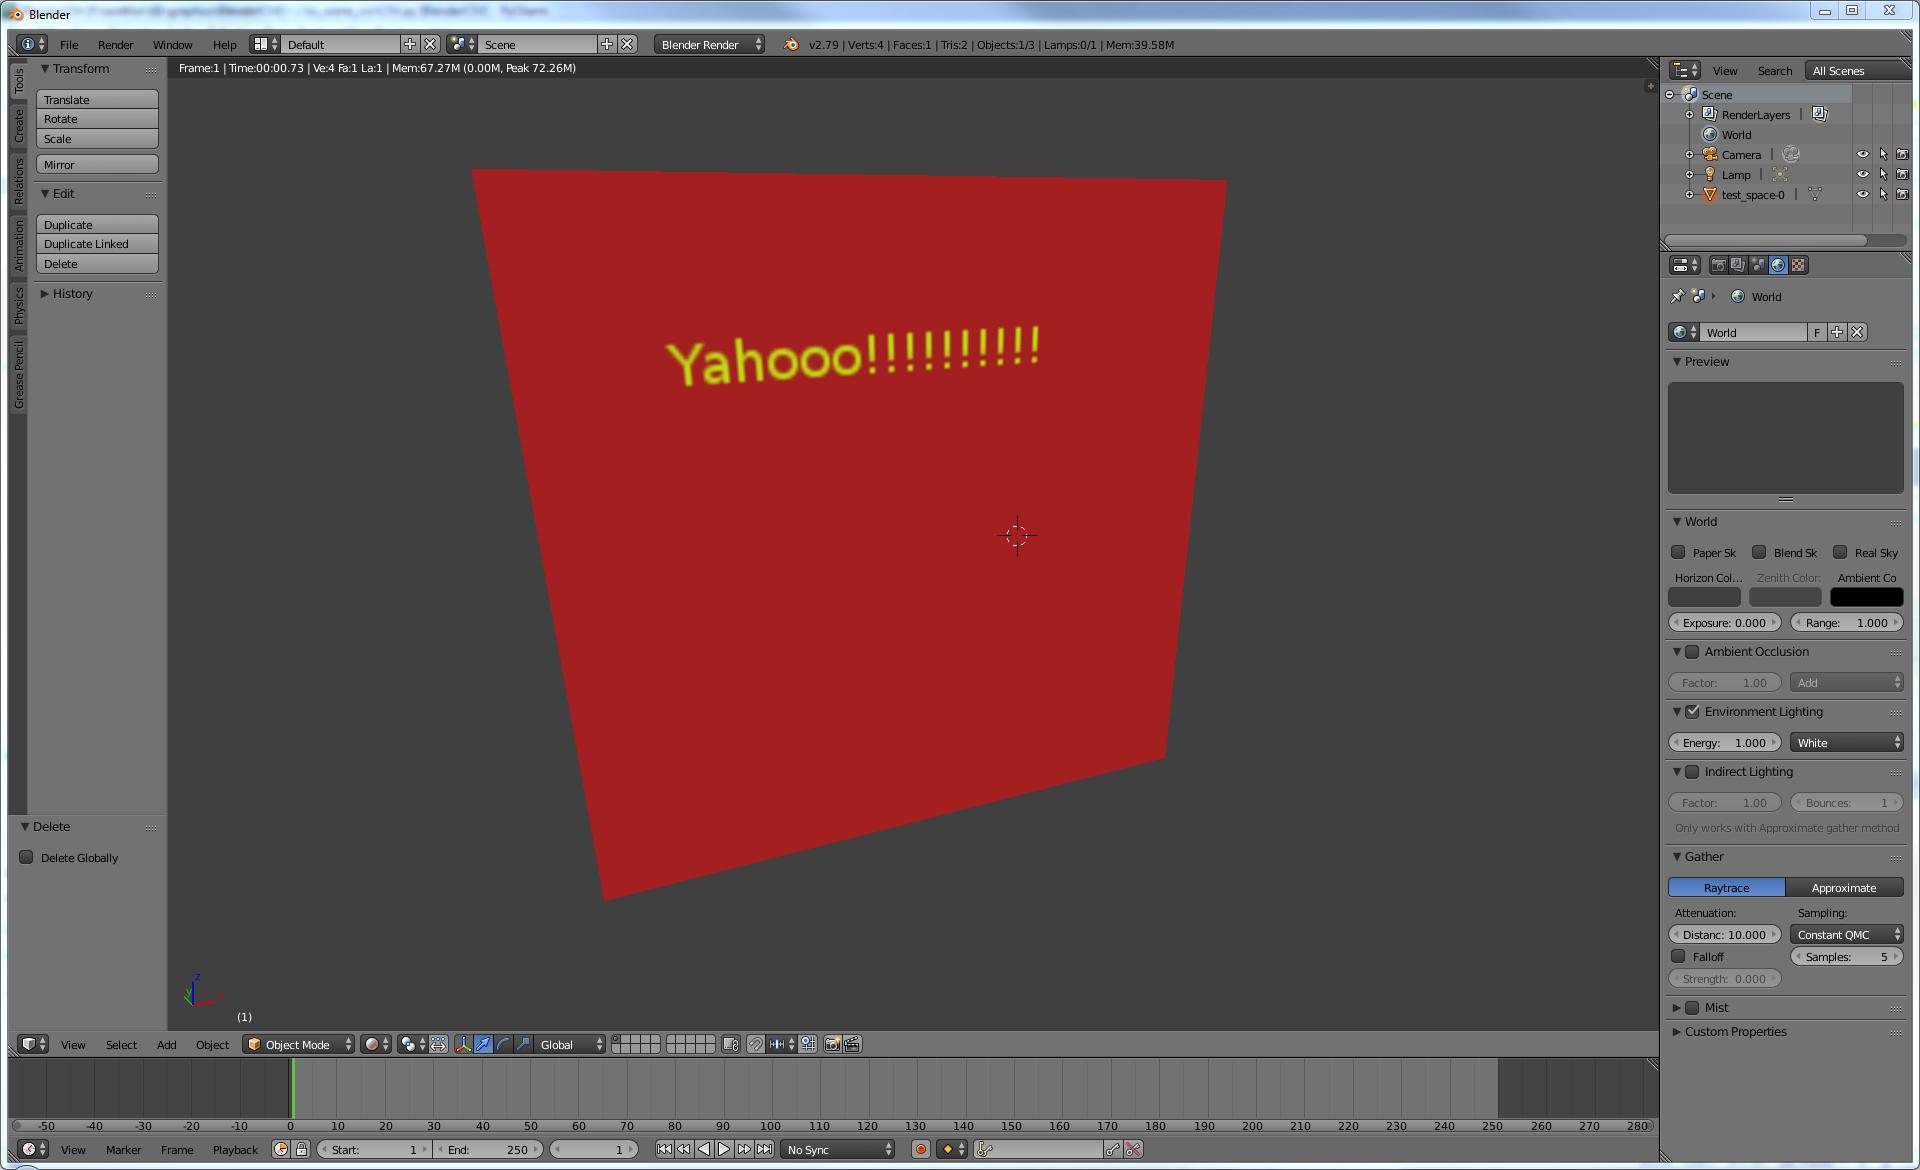 Modeling for OpenBVE in Blender 3D editor B7910